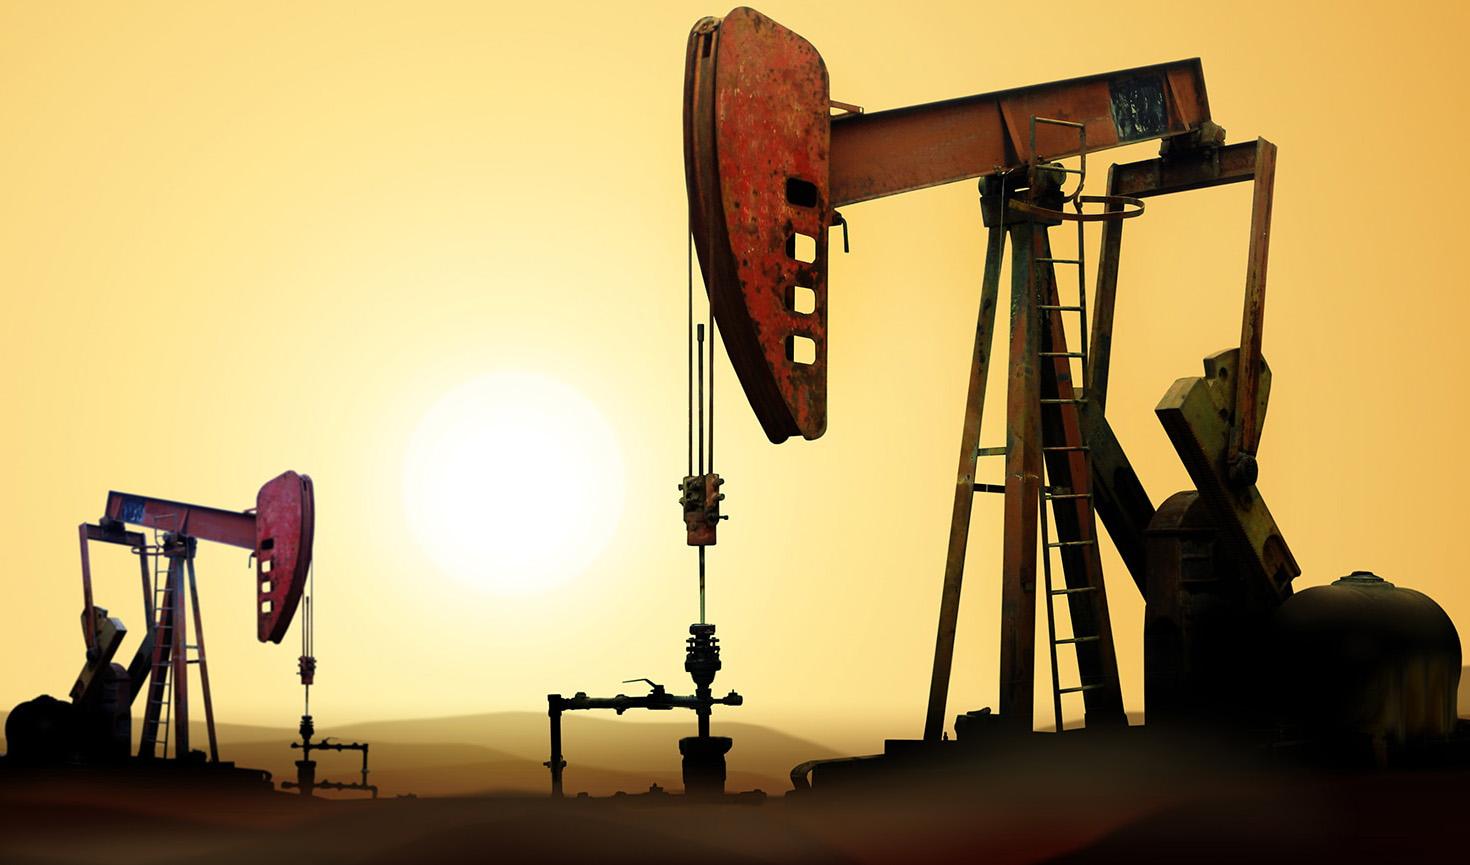 هدف اوپک برای افزایش قیمت نفت، زودتر از موعد محقق میشود